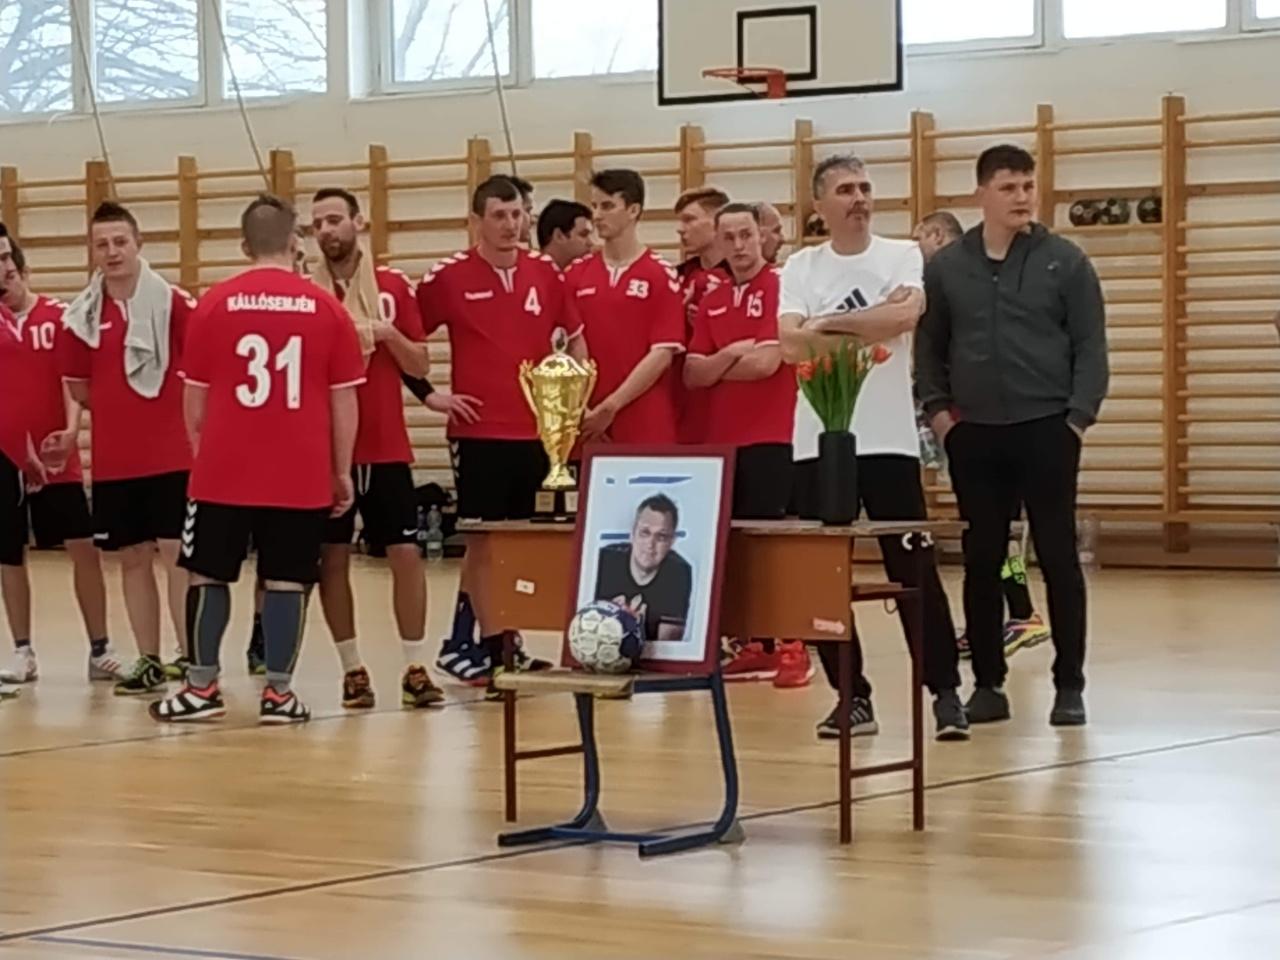 Kézilabda - négy csapat vett részt a Jeszenszki István emléktornán